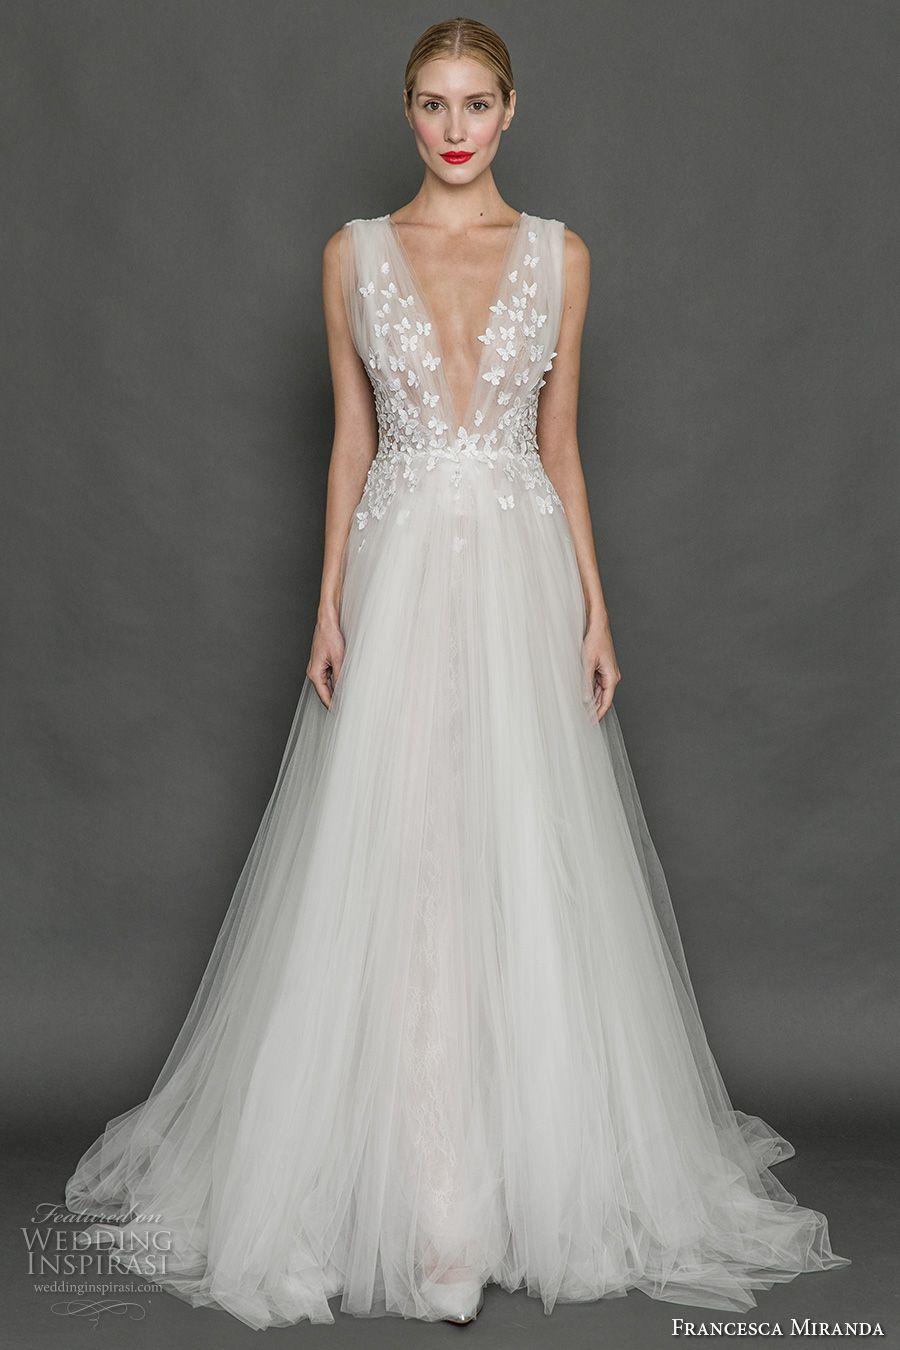 Francesca miranda fall 2017 wedding dresses butterfly for Butterfly back wedding dress